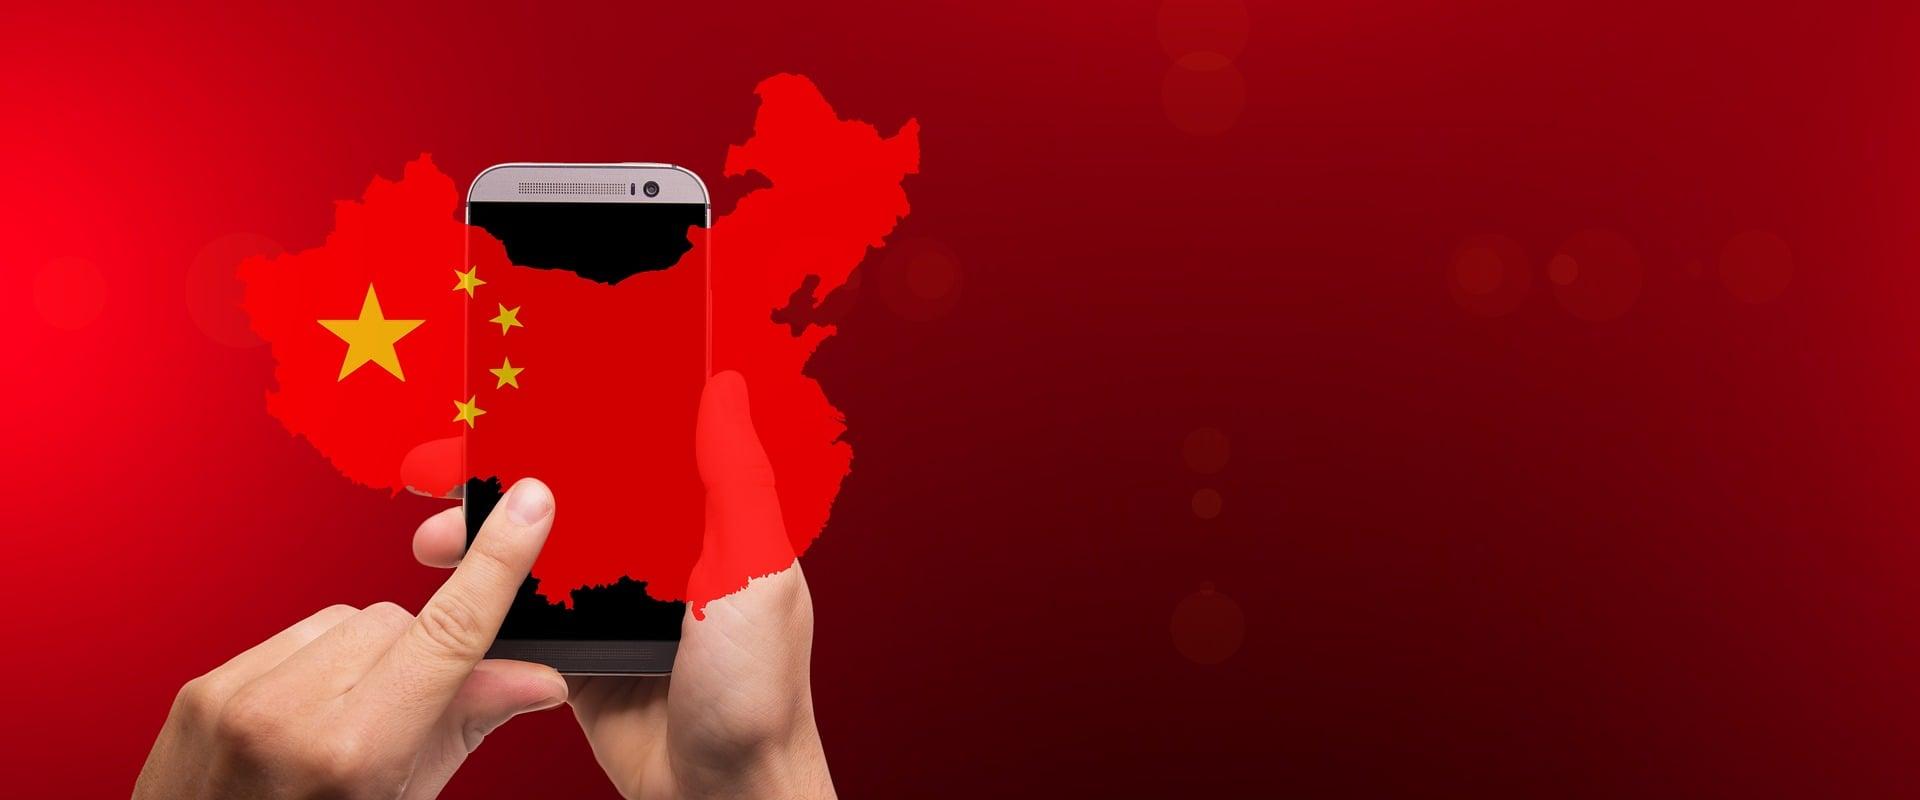 W Chinach, dzwoniąc do znajomego, możesz dowiedzieć się, że nie płaci on rachunków